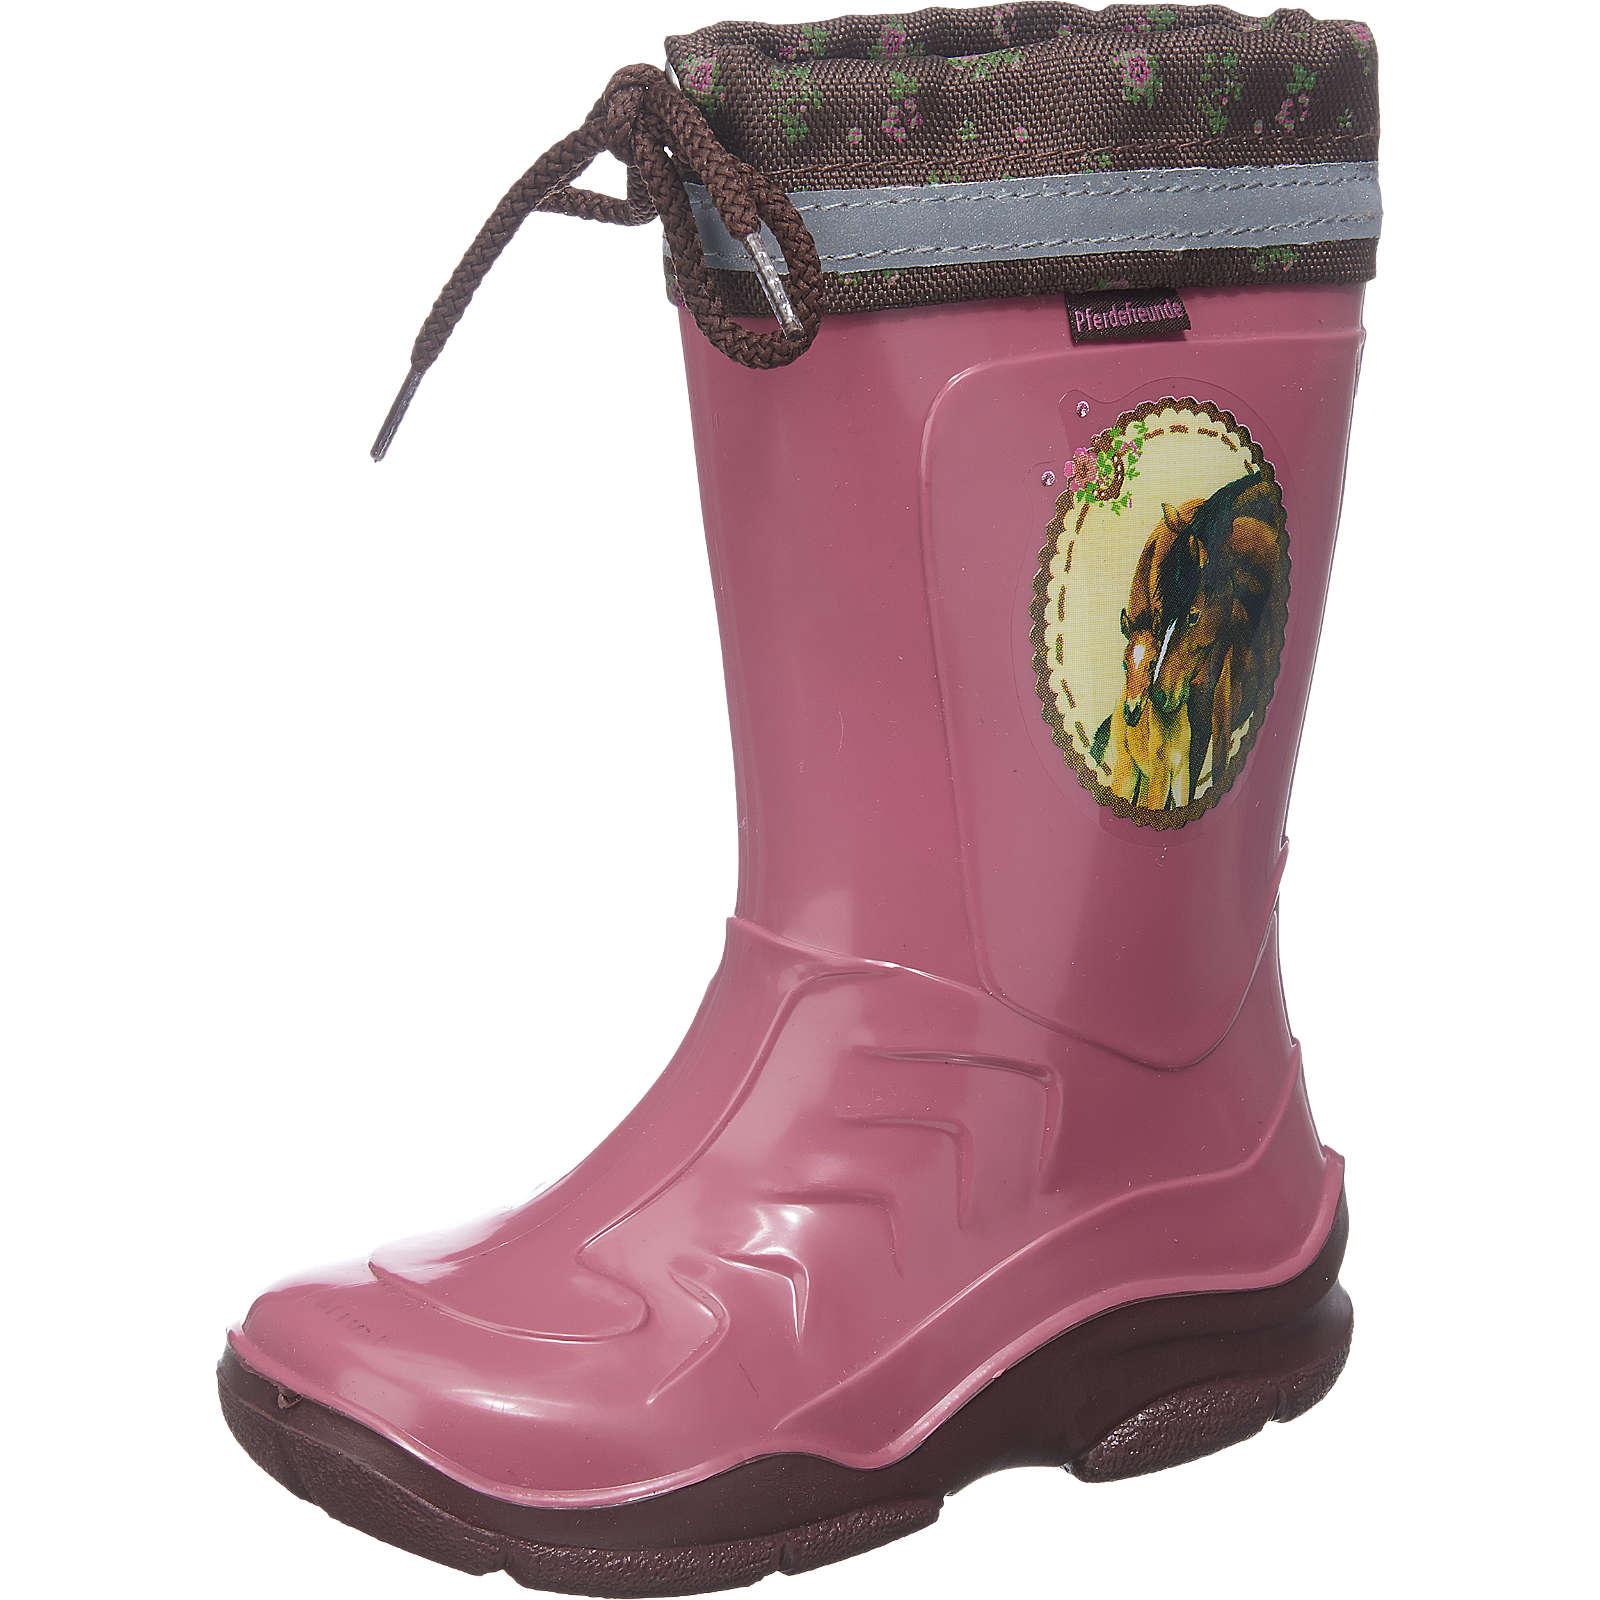 Spiegelburg PFERDEFREUNDE Kinder Gummistiefel rosa Mädchen Gr. 29